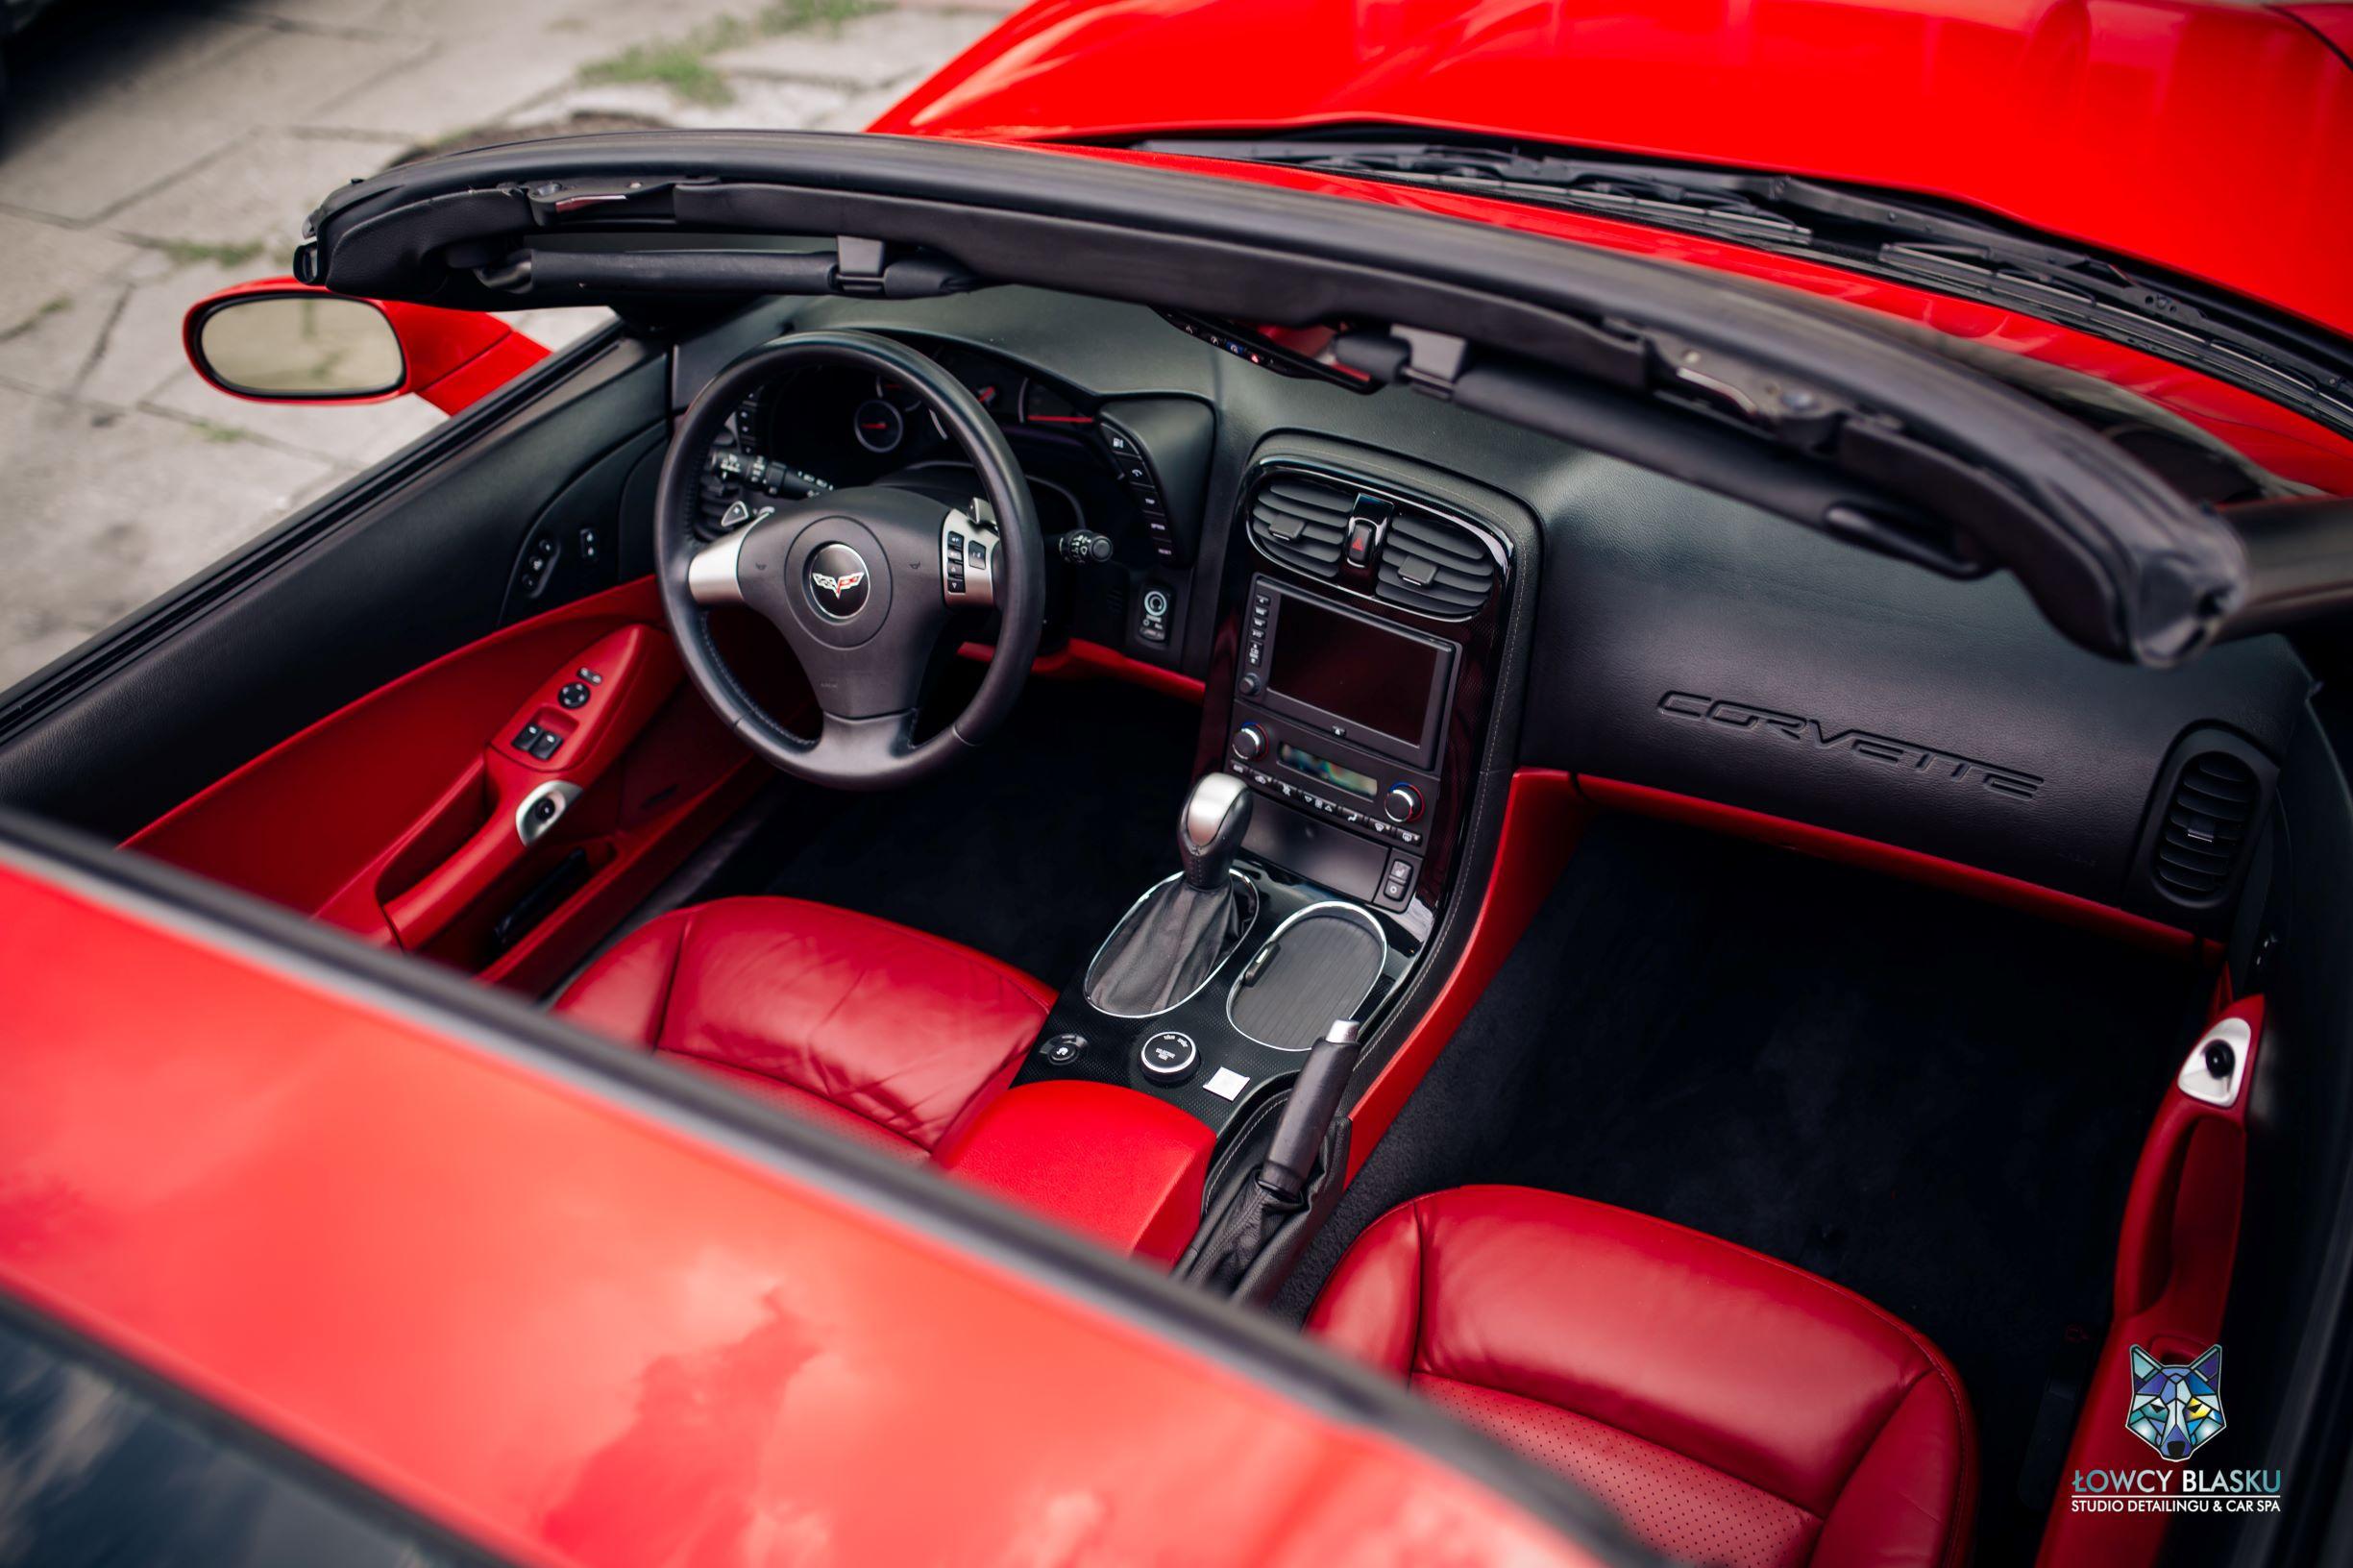 Chevrolet Corvette-pełen detailing wnętrza